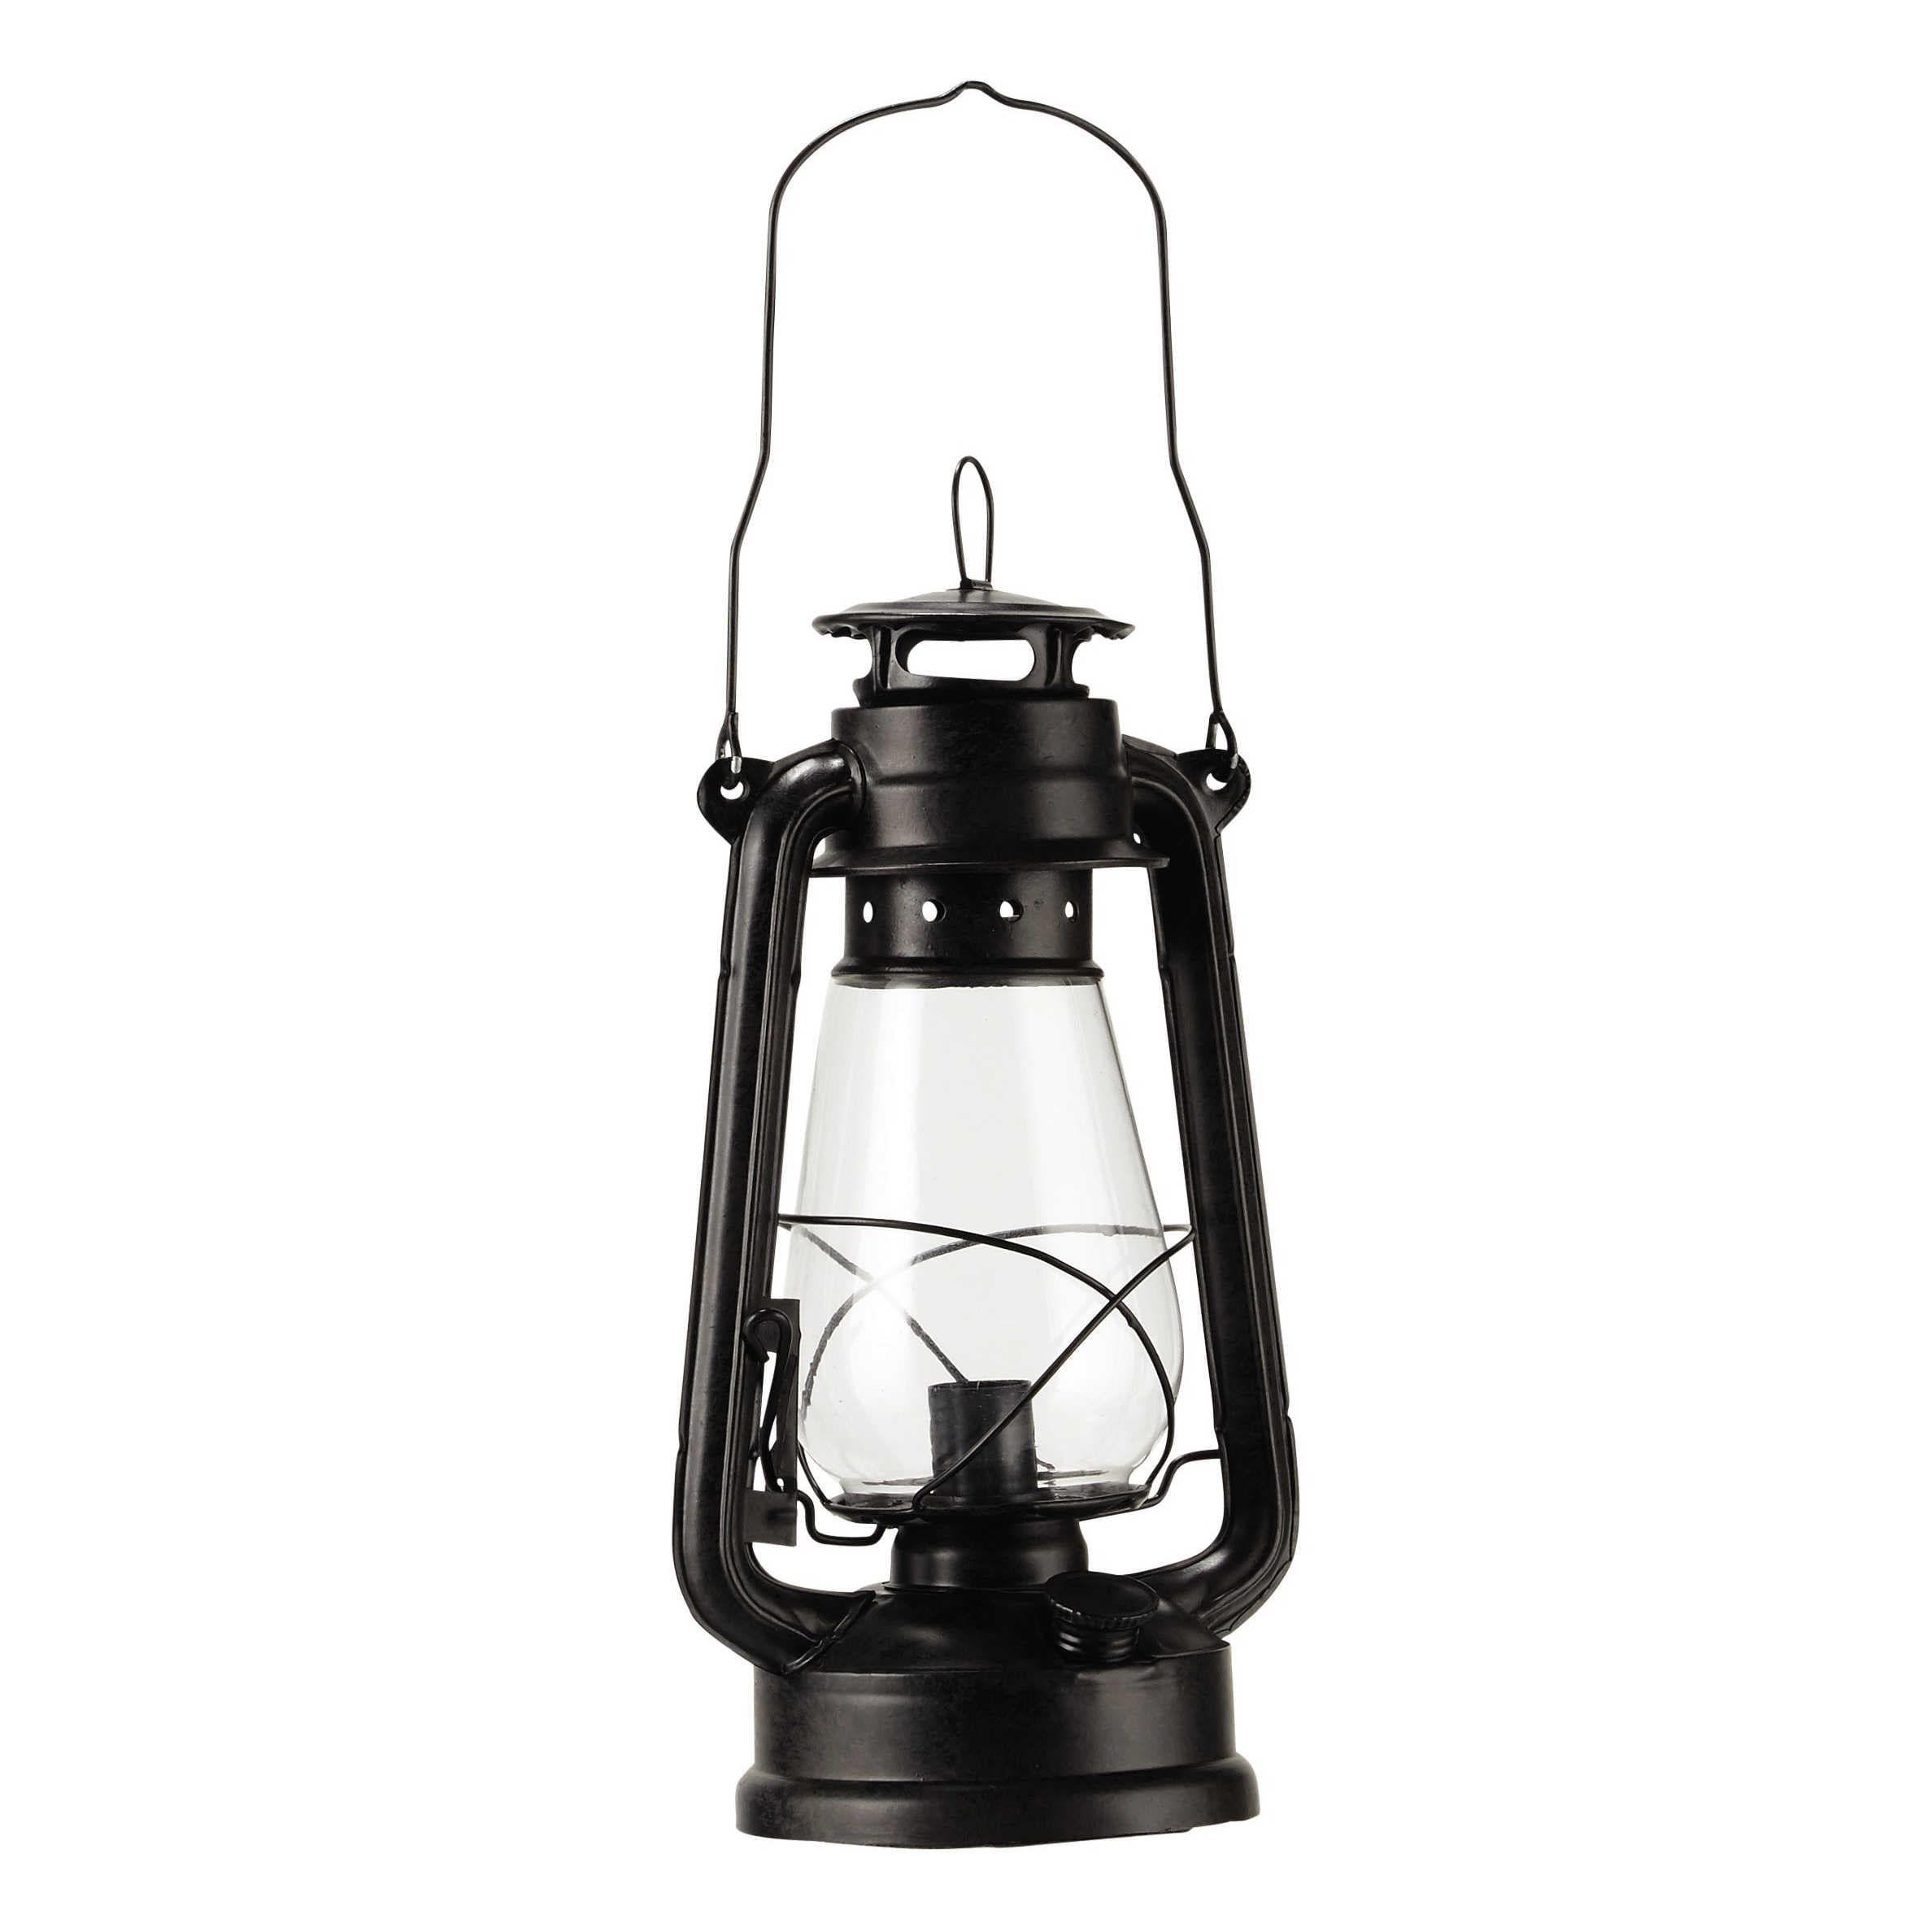 a193c359398c5fa2935c60d9de395099 Faszinierend Was ist Eine Glühlampe Dekorationen